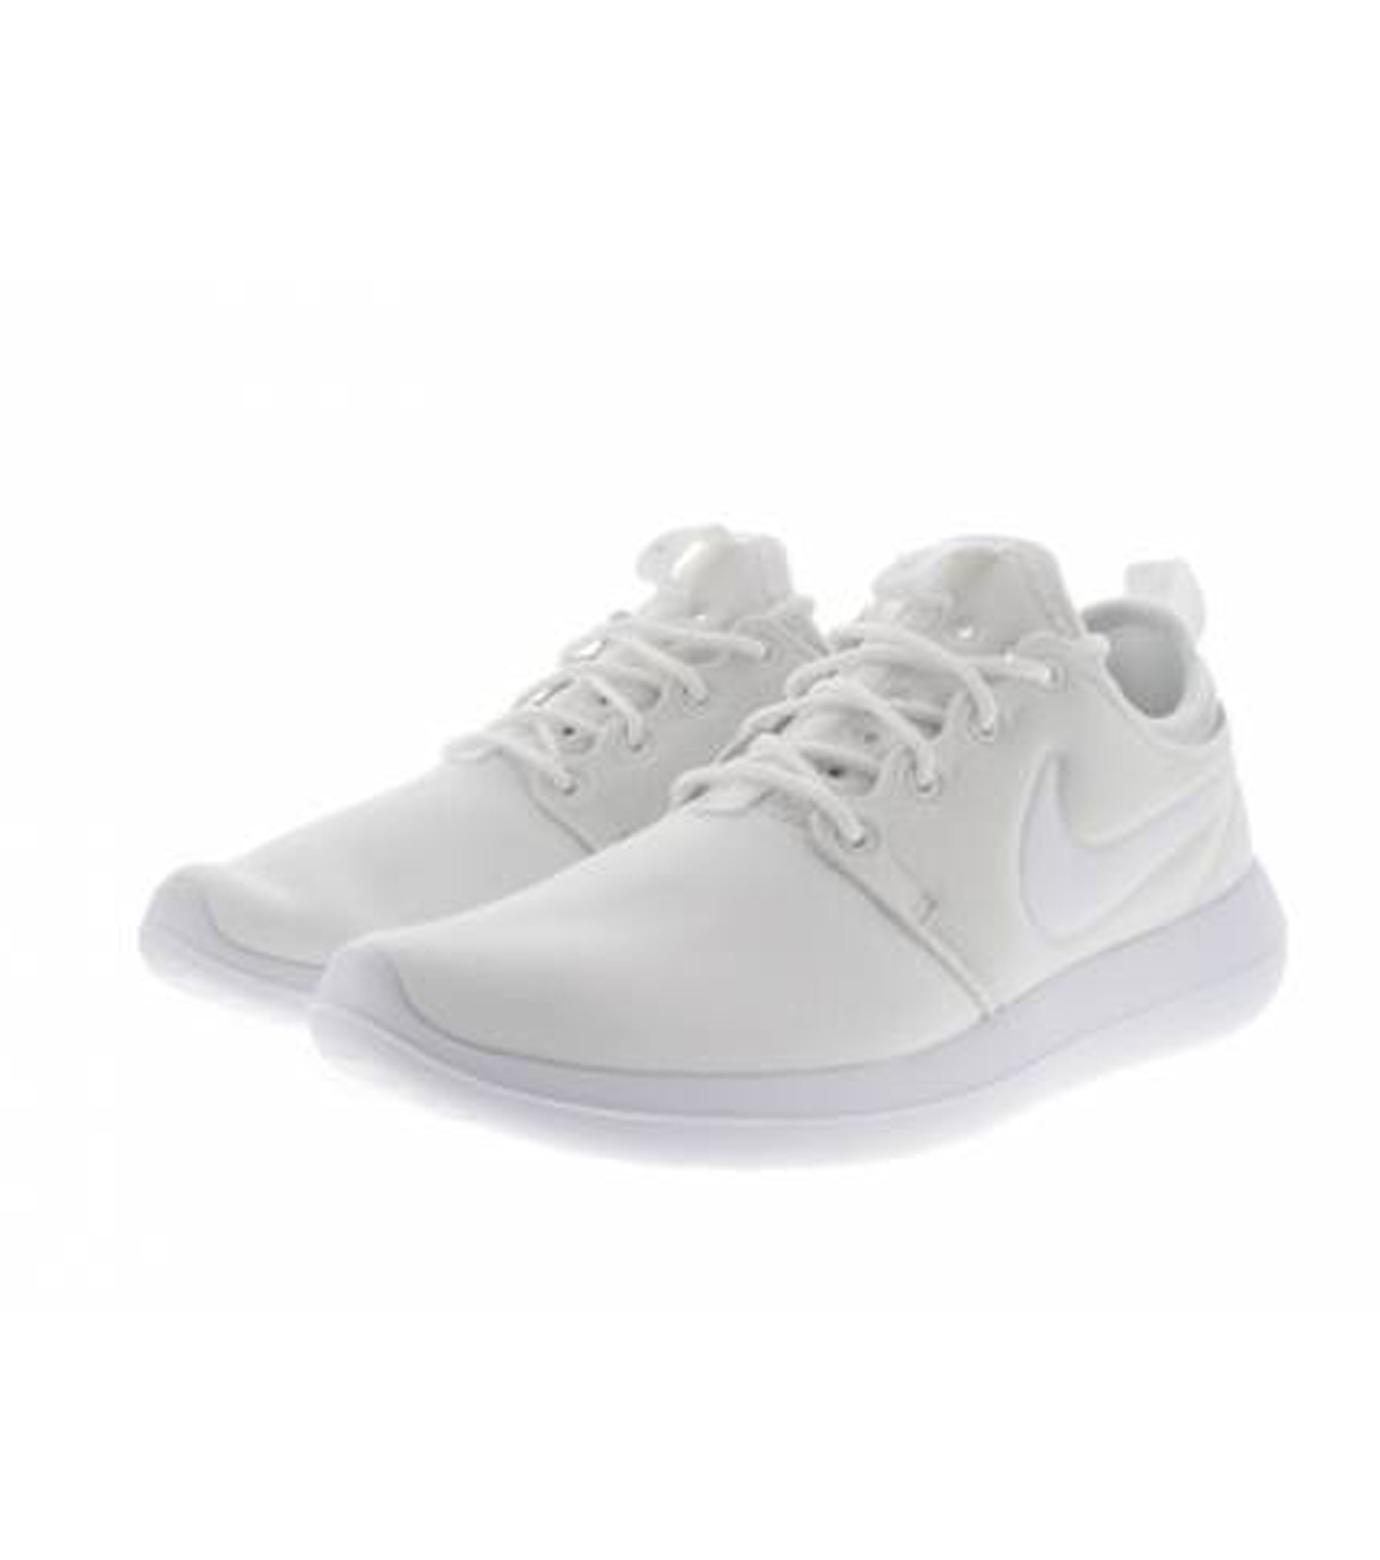 NIKE(ナイキ)のWMNS ROSHE 2-WHITE(シューズ/shoes)-844931-100-4 拡大詳細画像3